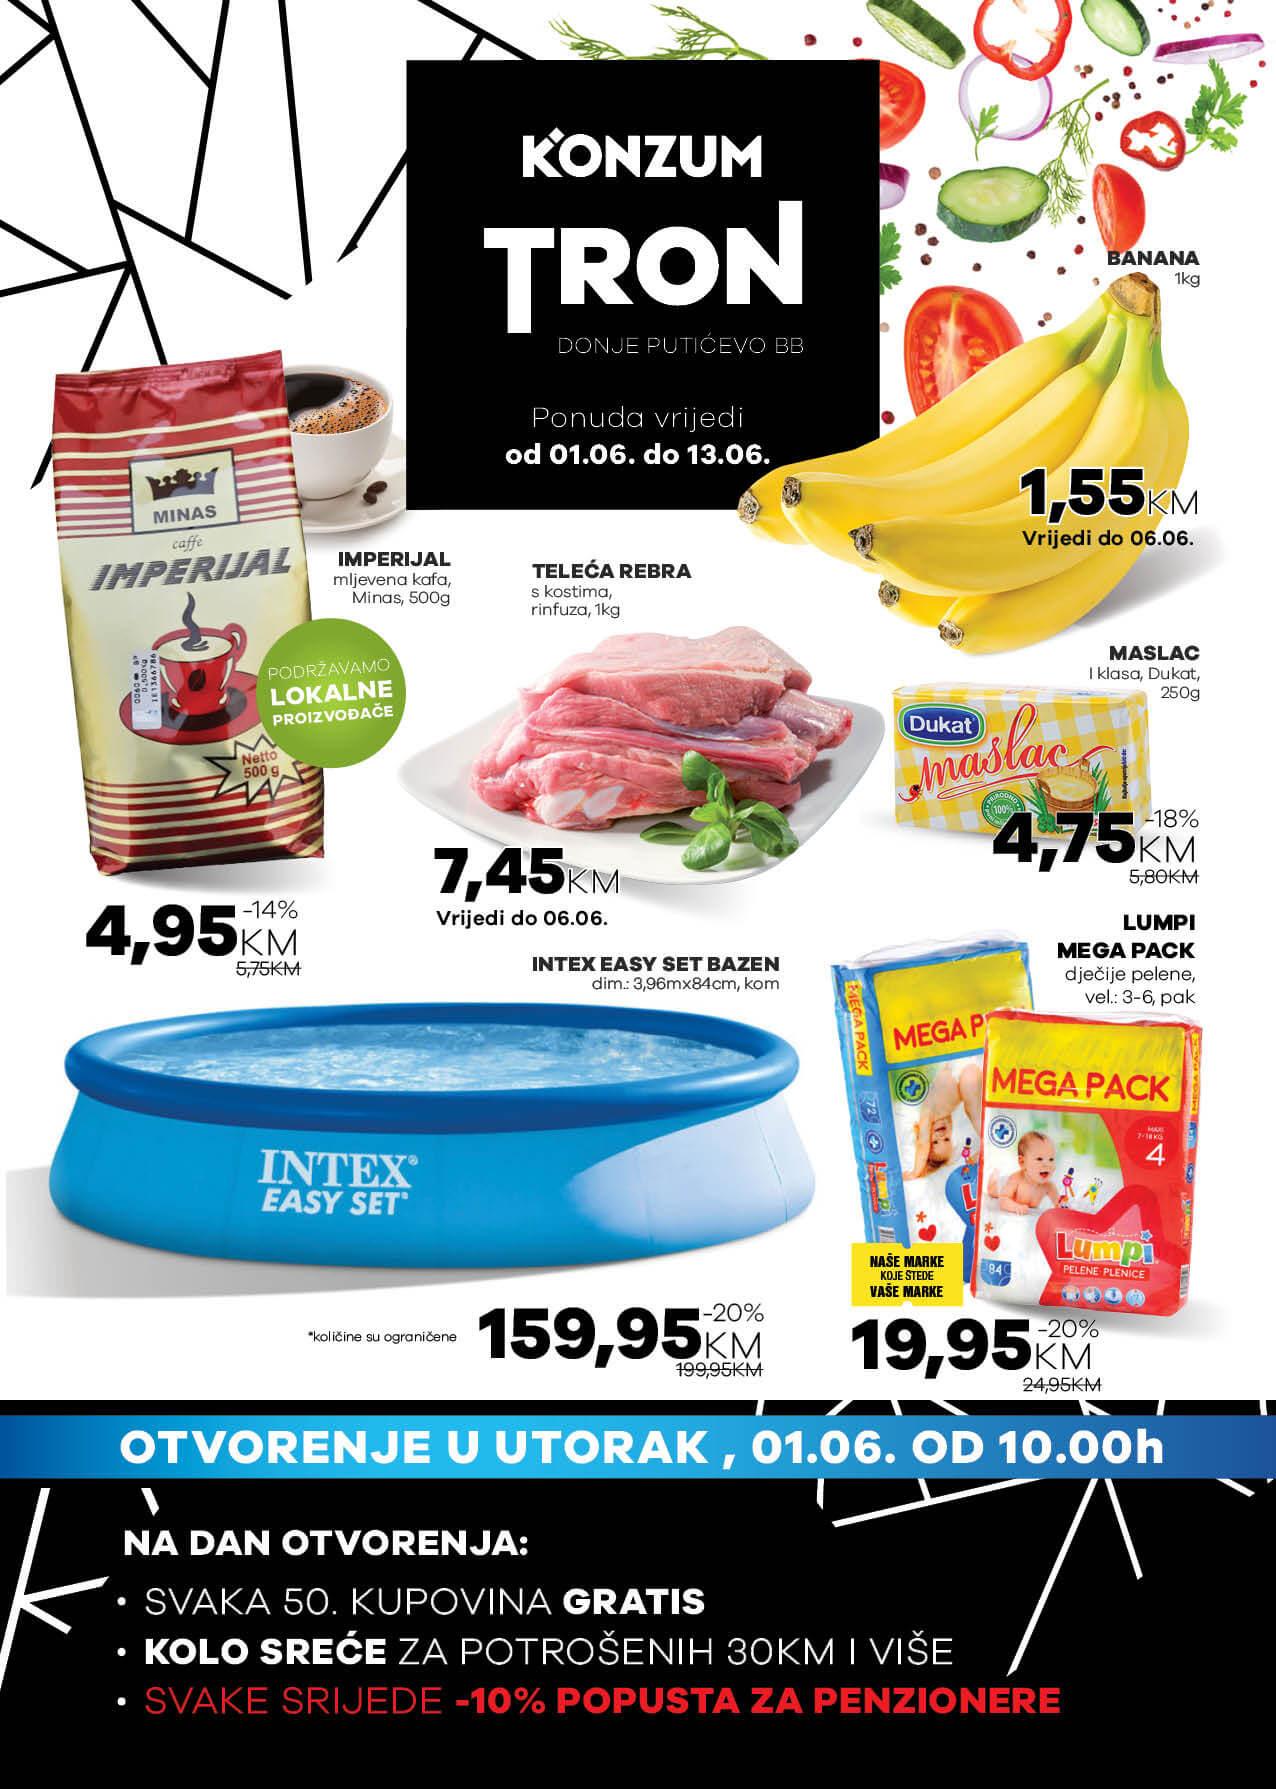 Konzum TRON katalog JUN 2021 01.06. 13.06. eKatalozi.com PR Page 1